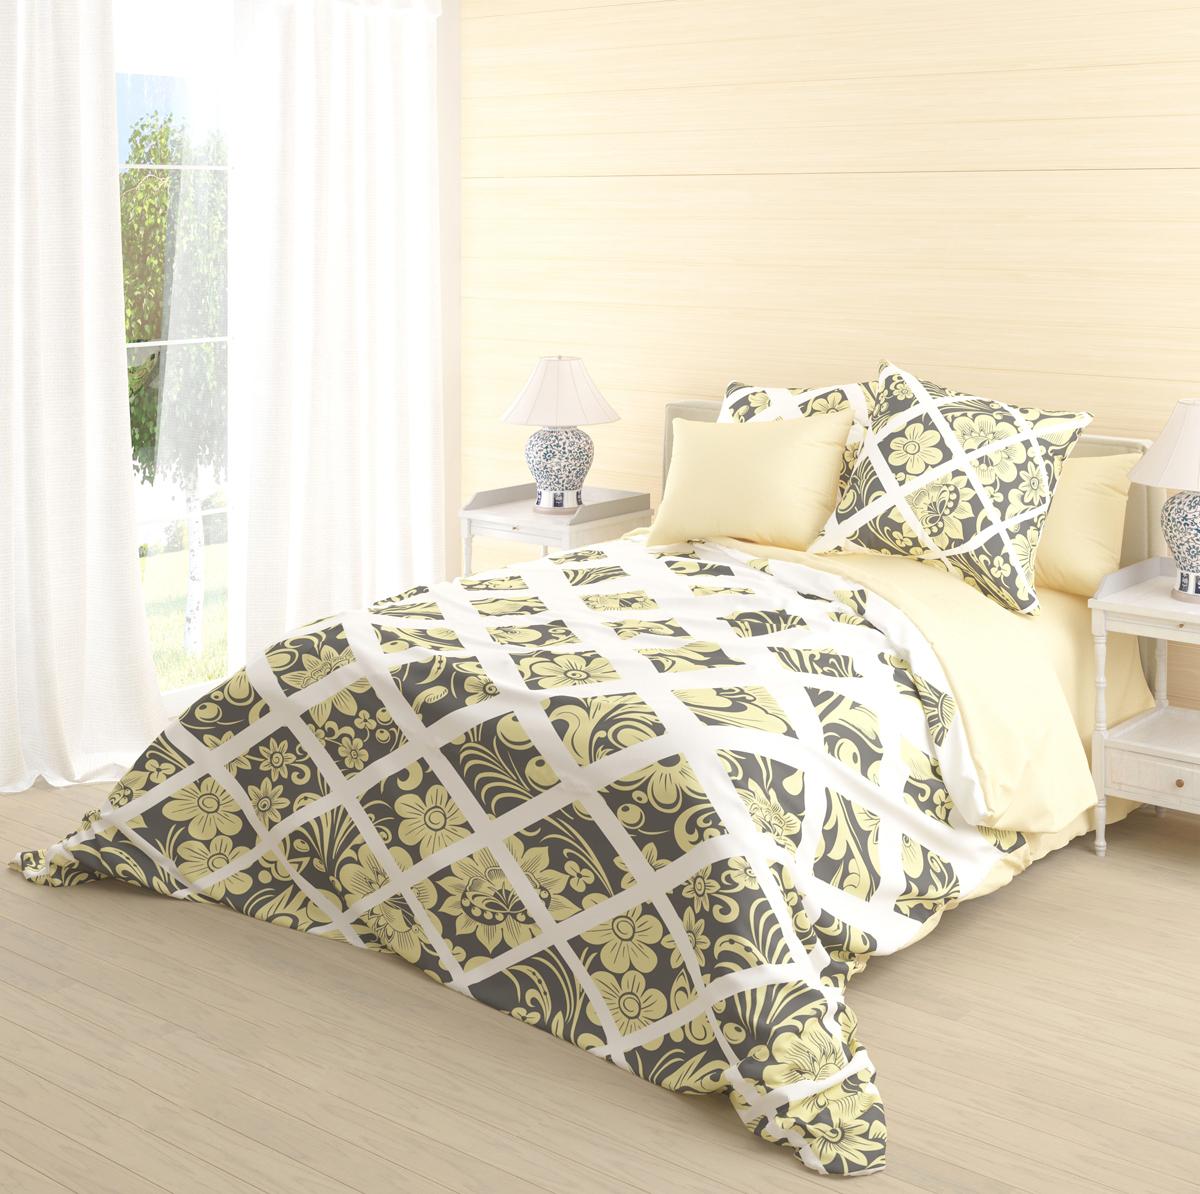 """Роскошный комплект постельного белья Волшебная ночь """"Sadko"""" выполнен из натурального ранфорса (100% хлопка) и оформлен оригинальным рисунком. Комплект состоит из пододеяльника, простыни и двух наволочек. Ранфорс - это новая современная гипоаллергенная ткань из натуральных хлопковых волокон, которая прекрасно впитывает влагу, очень проста в уходе, а за счет высокой прочности способна выдерживать большое количество стирок. Высочайшее качество материала гарантирует безопасность."""